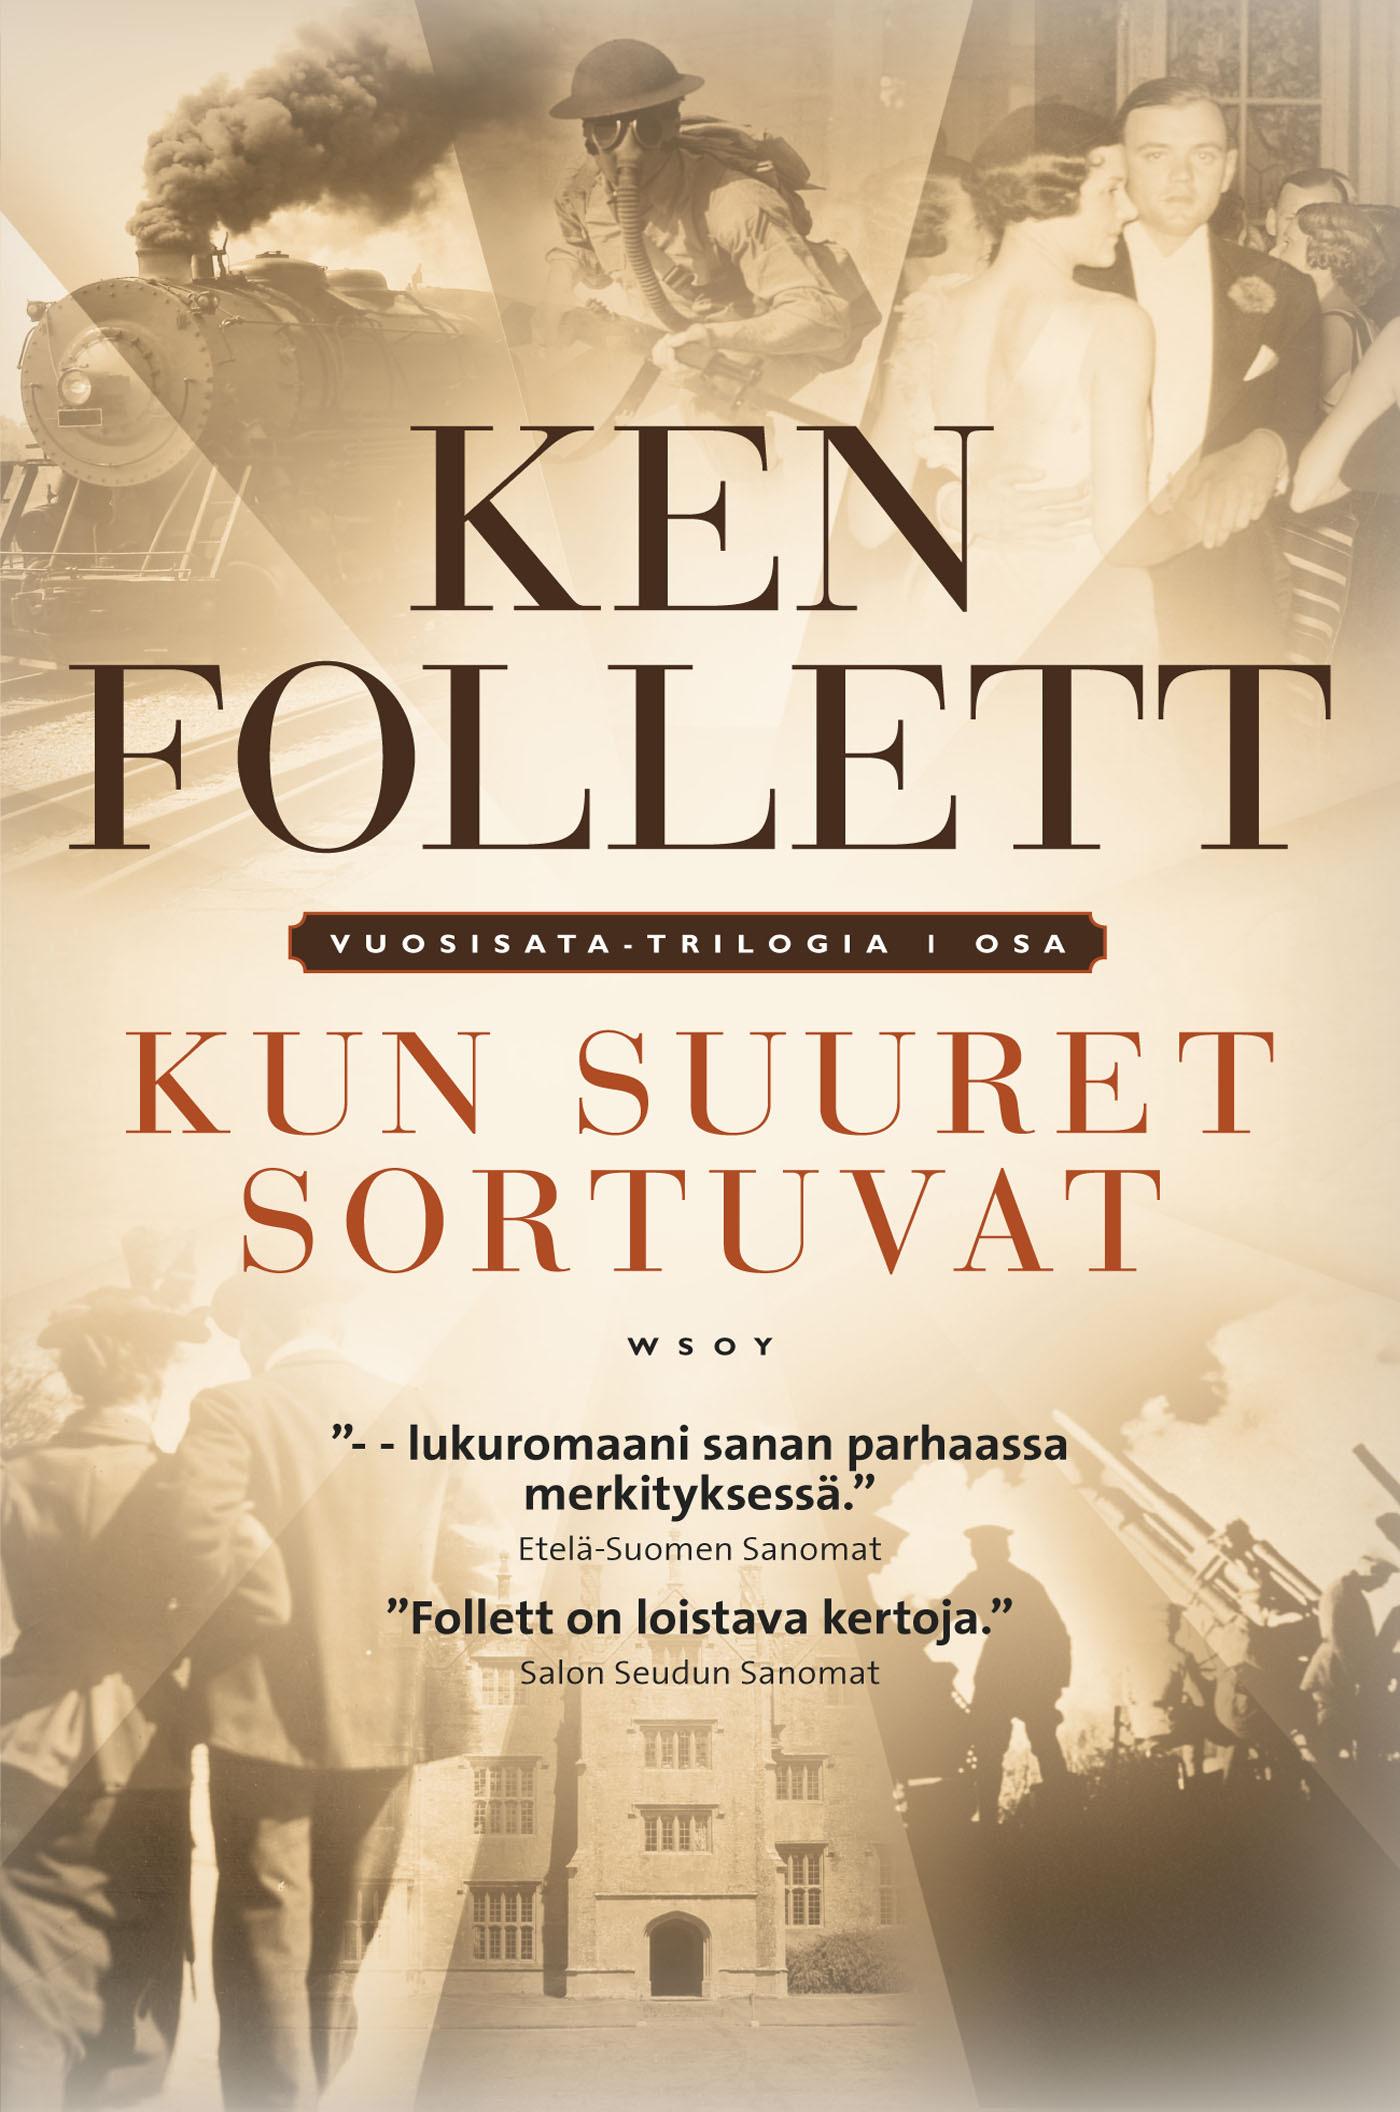 Follett, Ken - Kun suuret sortuvat: Vuosisata-trilogia I osa, e-kirja